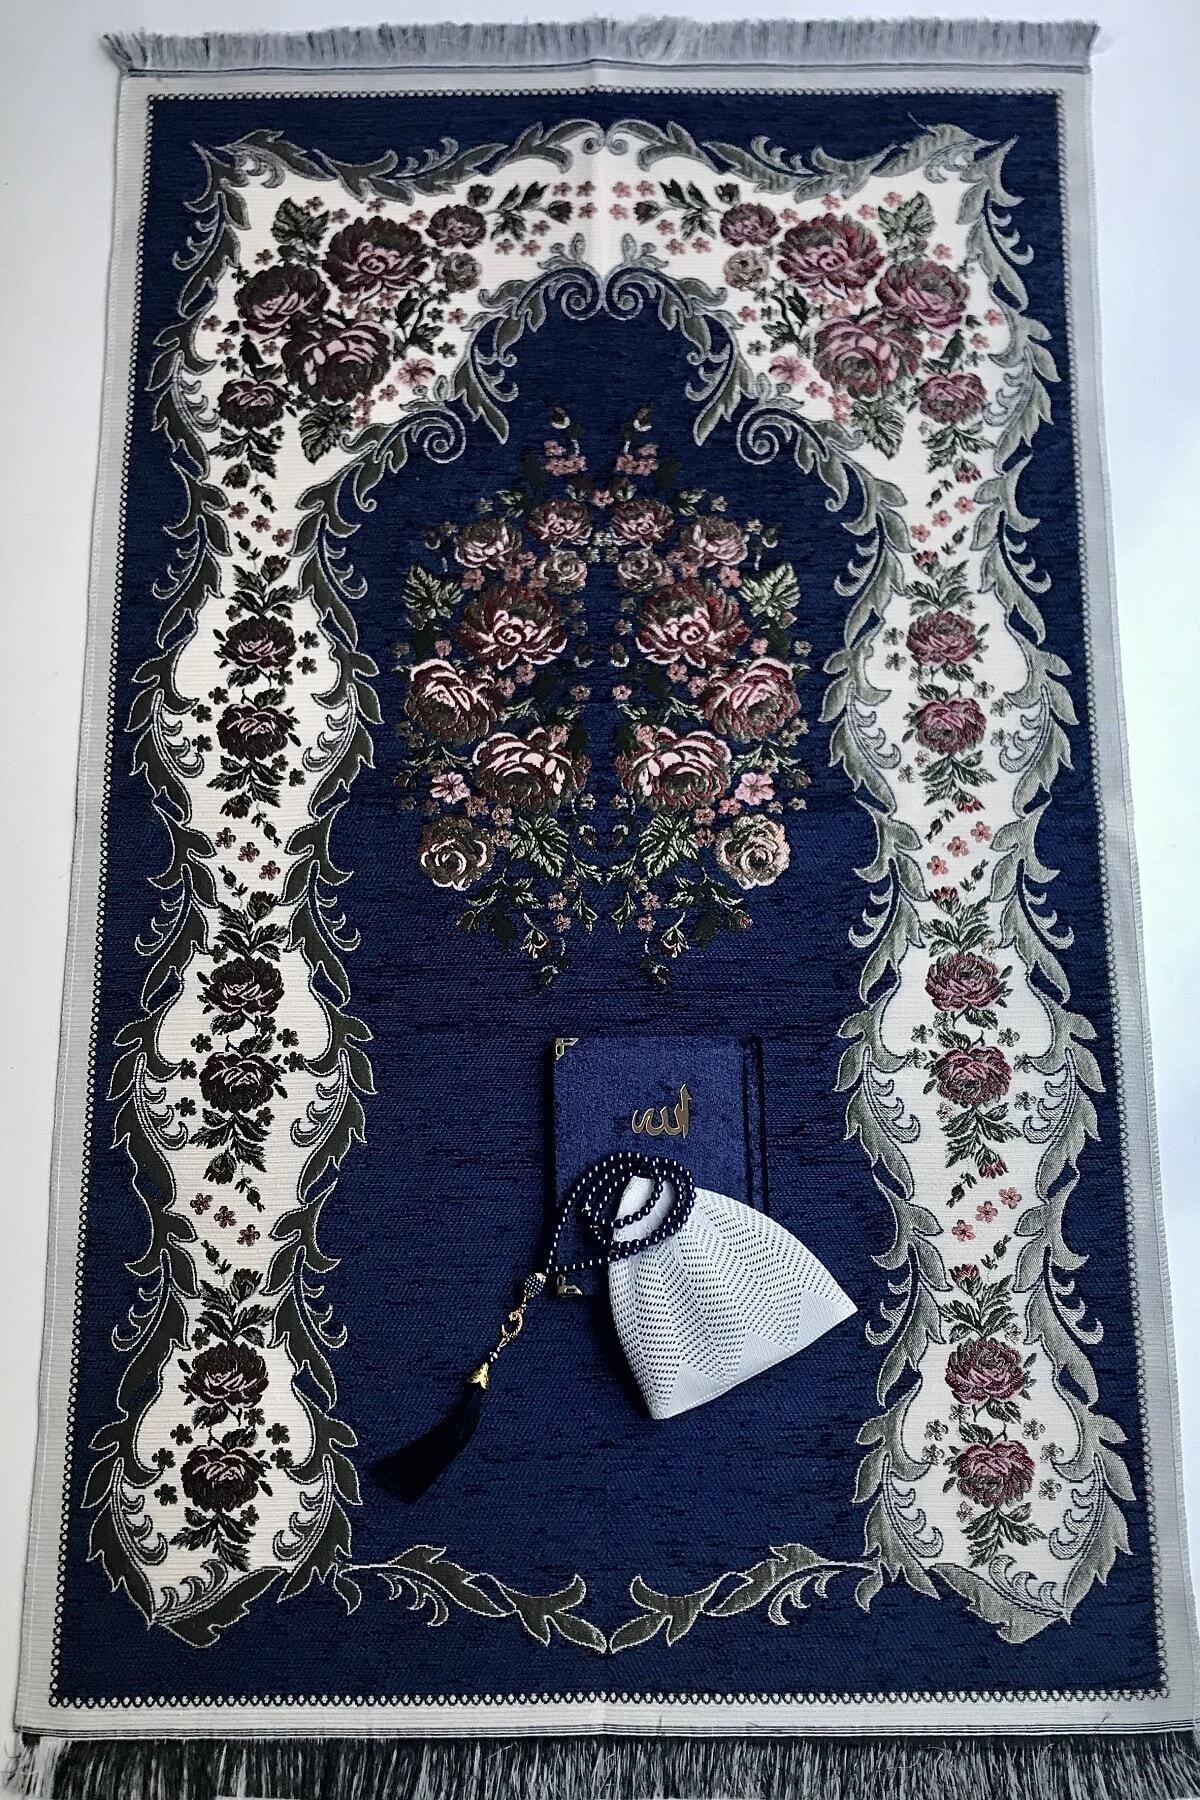 كارديلين الأزرق الداكن الورود سجادة صلاة أغطية الرأس لؤلؤة المسبحة المخملية ياسين